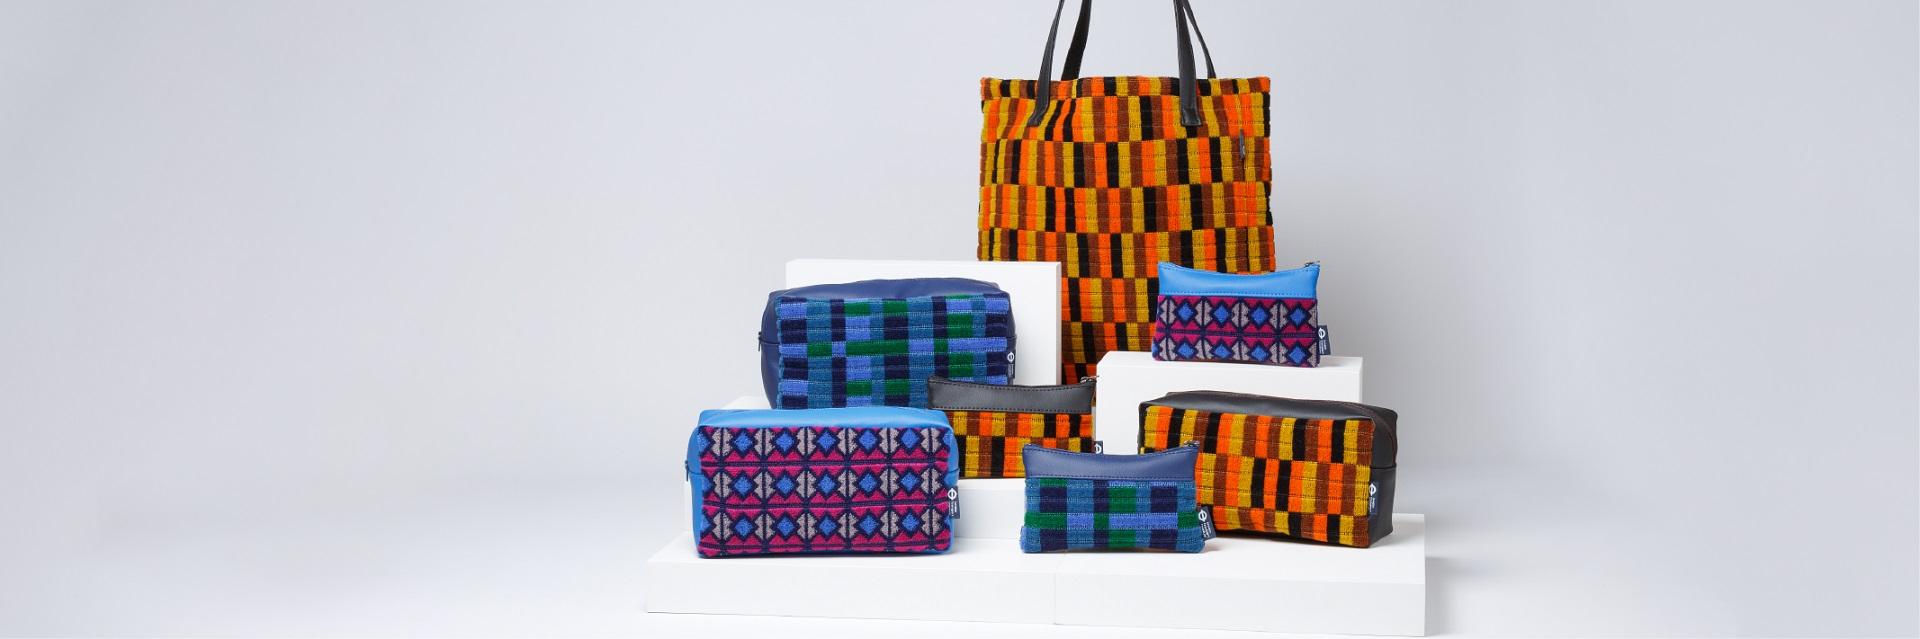 Moquette accessories